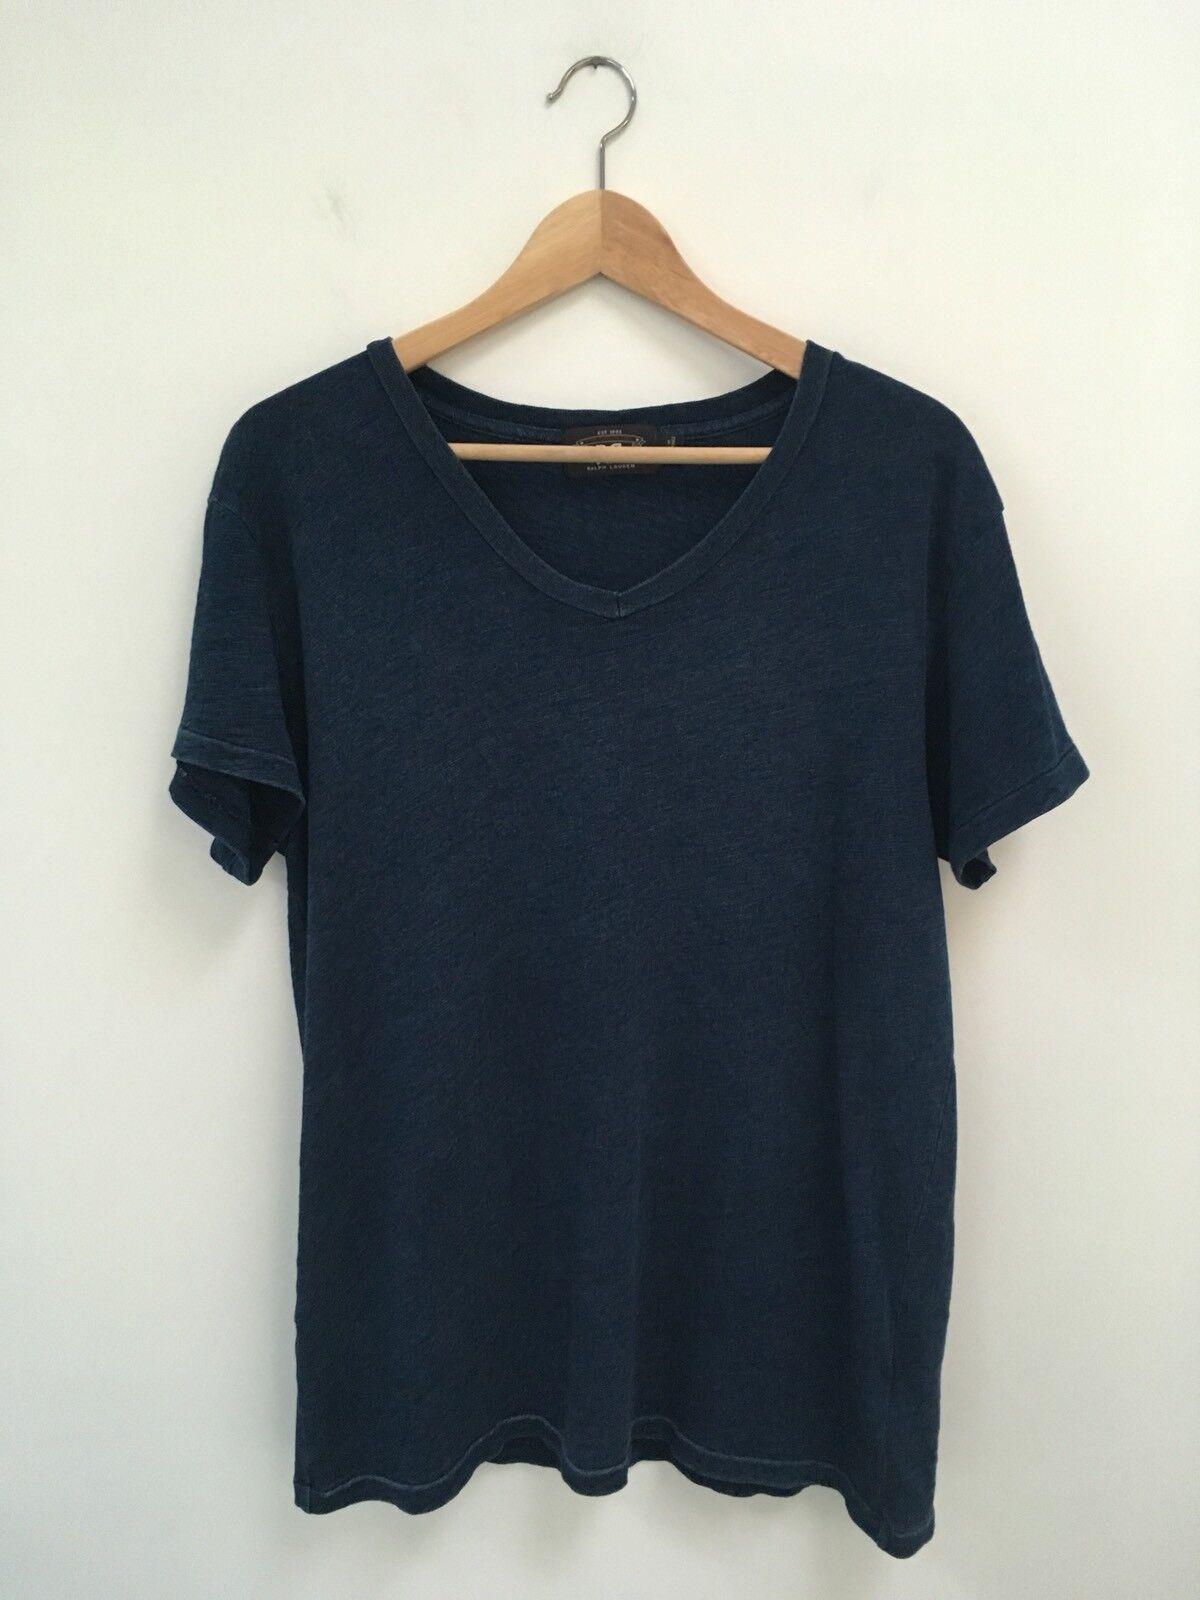 Ralph Lauren's RRL Indigo Blau T-Shirt Größe Large NWOT